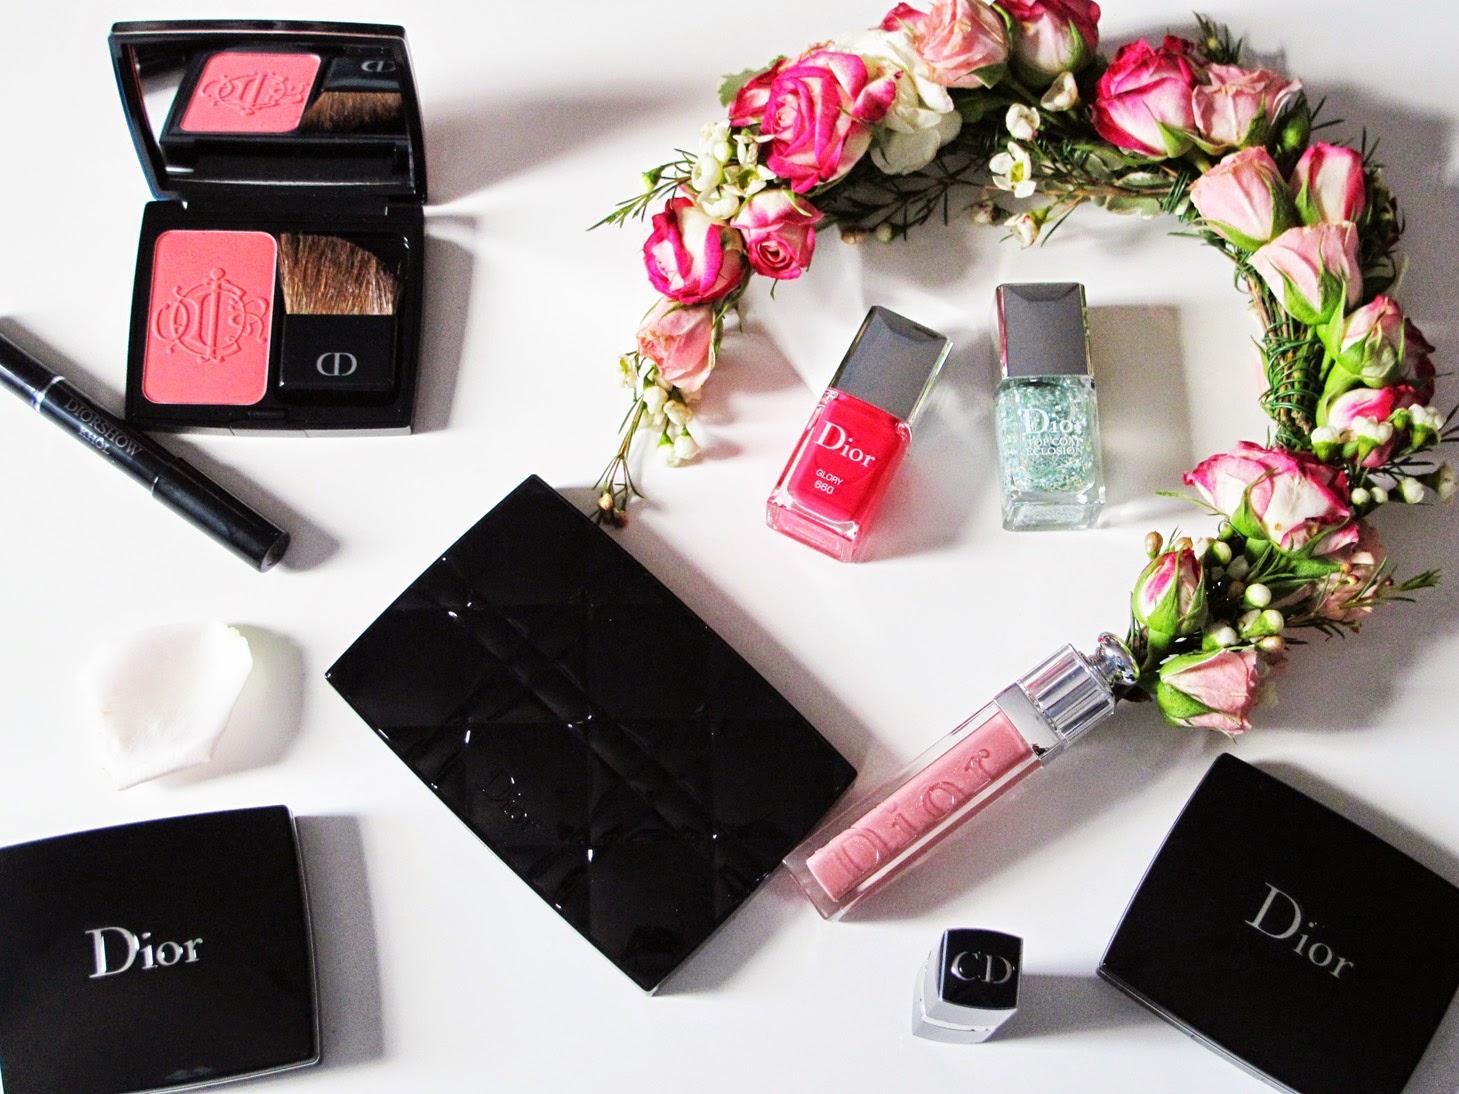 Dior Kingdom of Colors